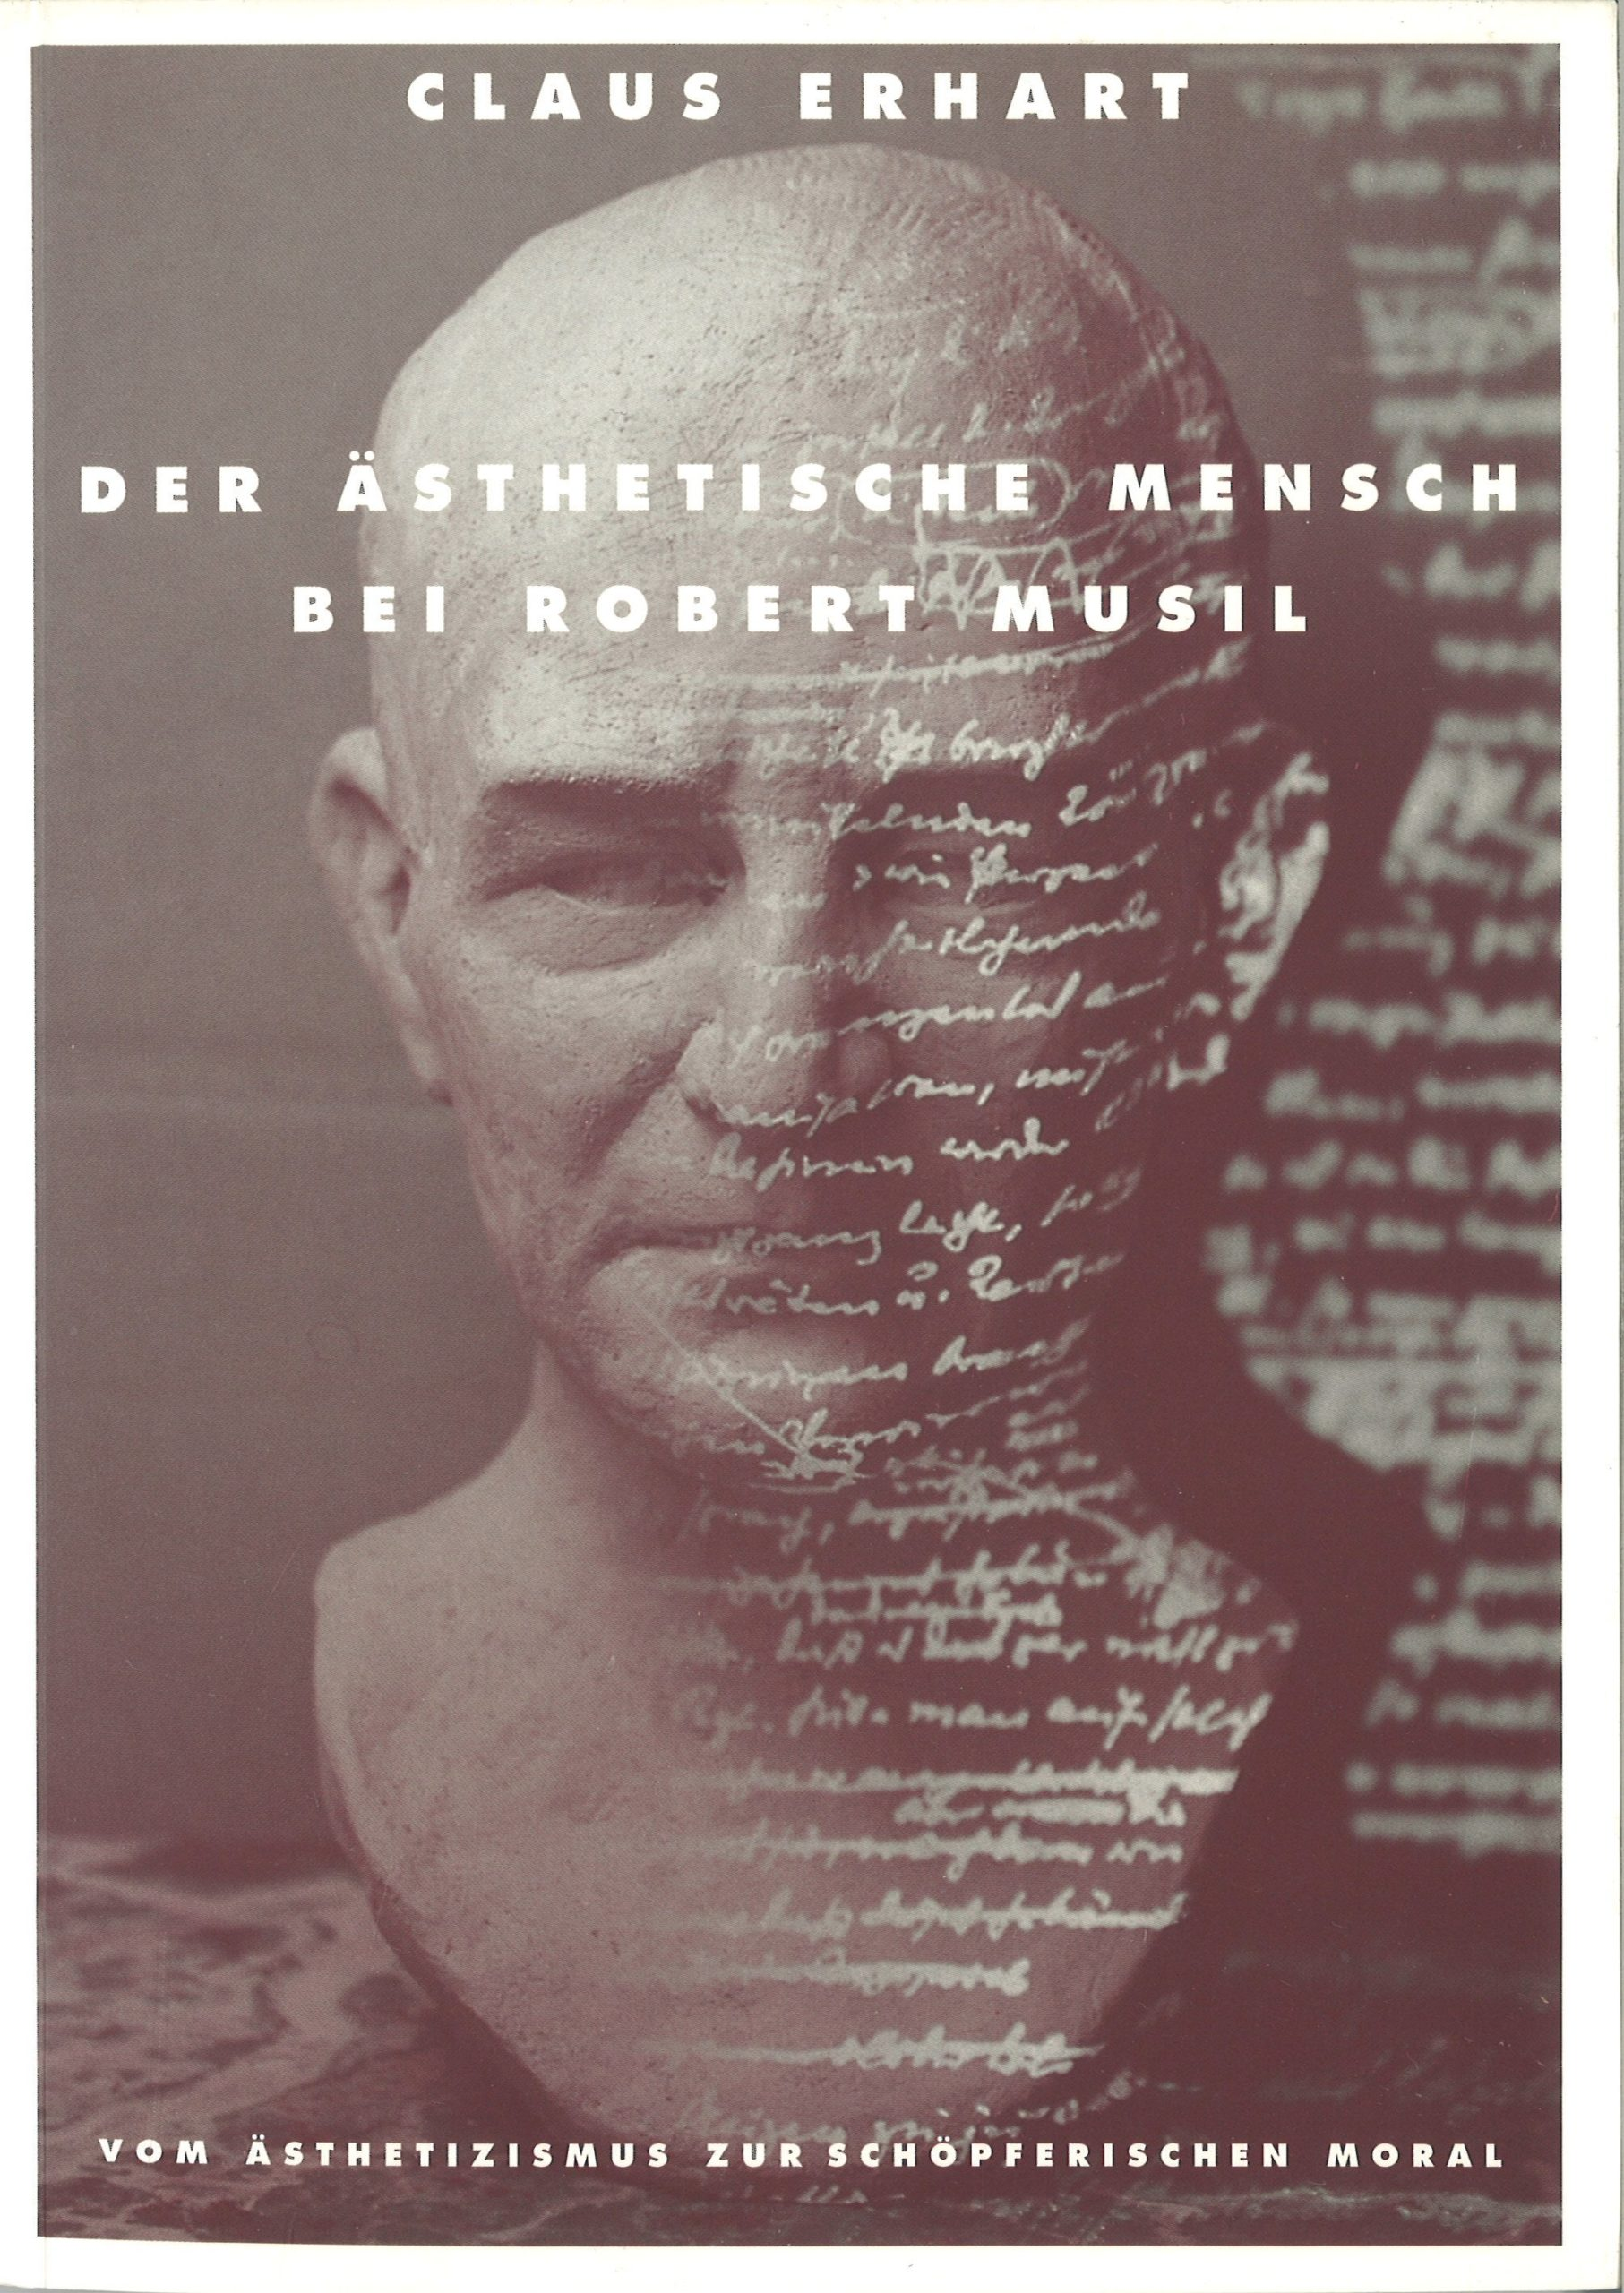 Der ästhetische Mensch bei Robert Musil. Vom Ästhetizismus zur schöpferischen Moral.